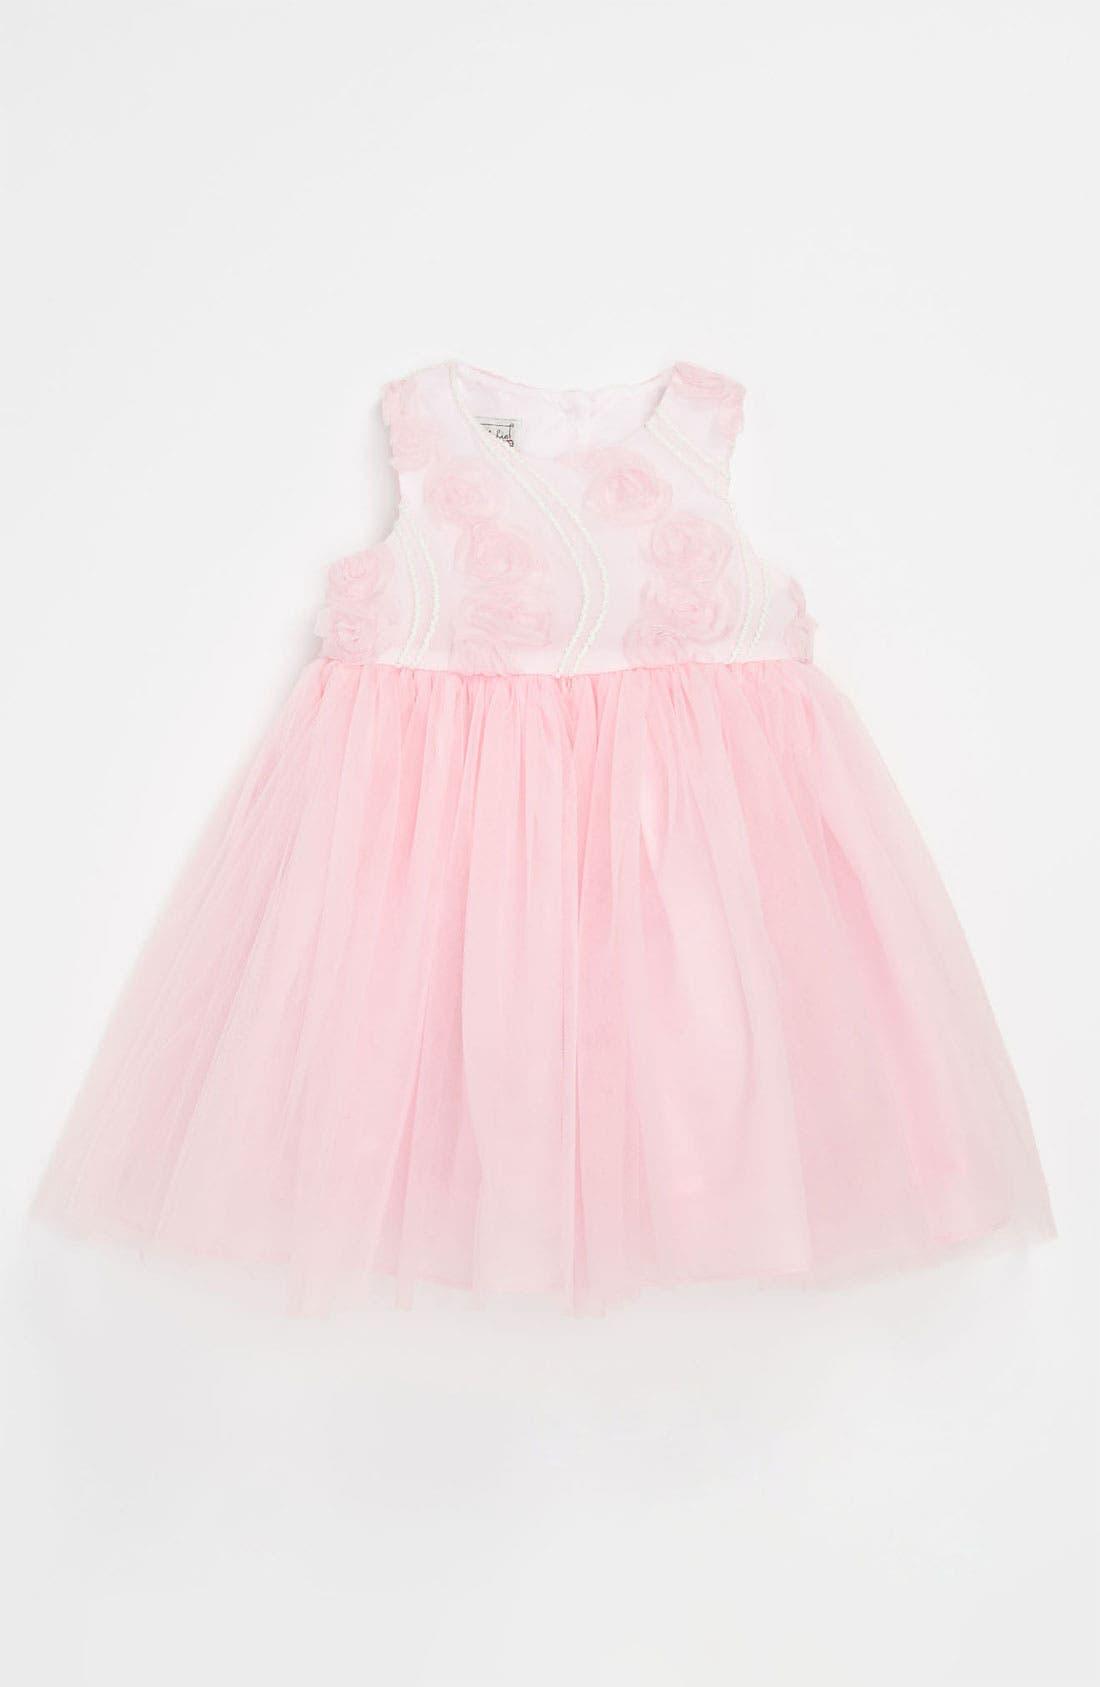 Main Image - Pippa & Julie Soutache Ballerina Dress (Toddler)